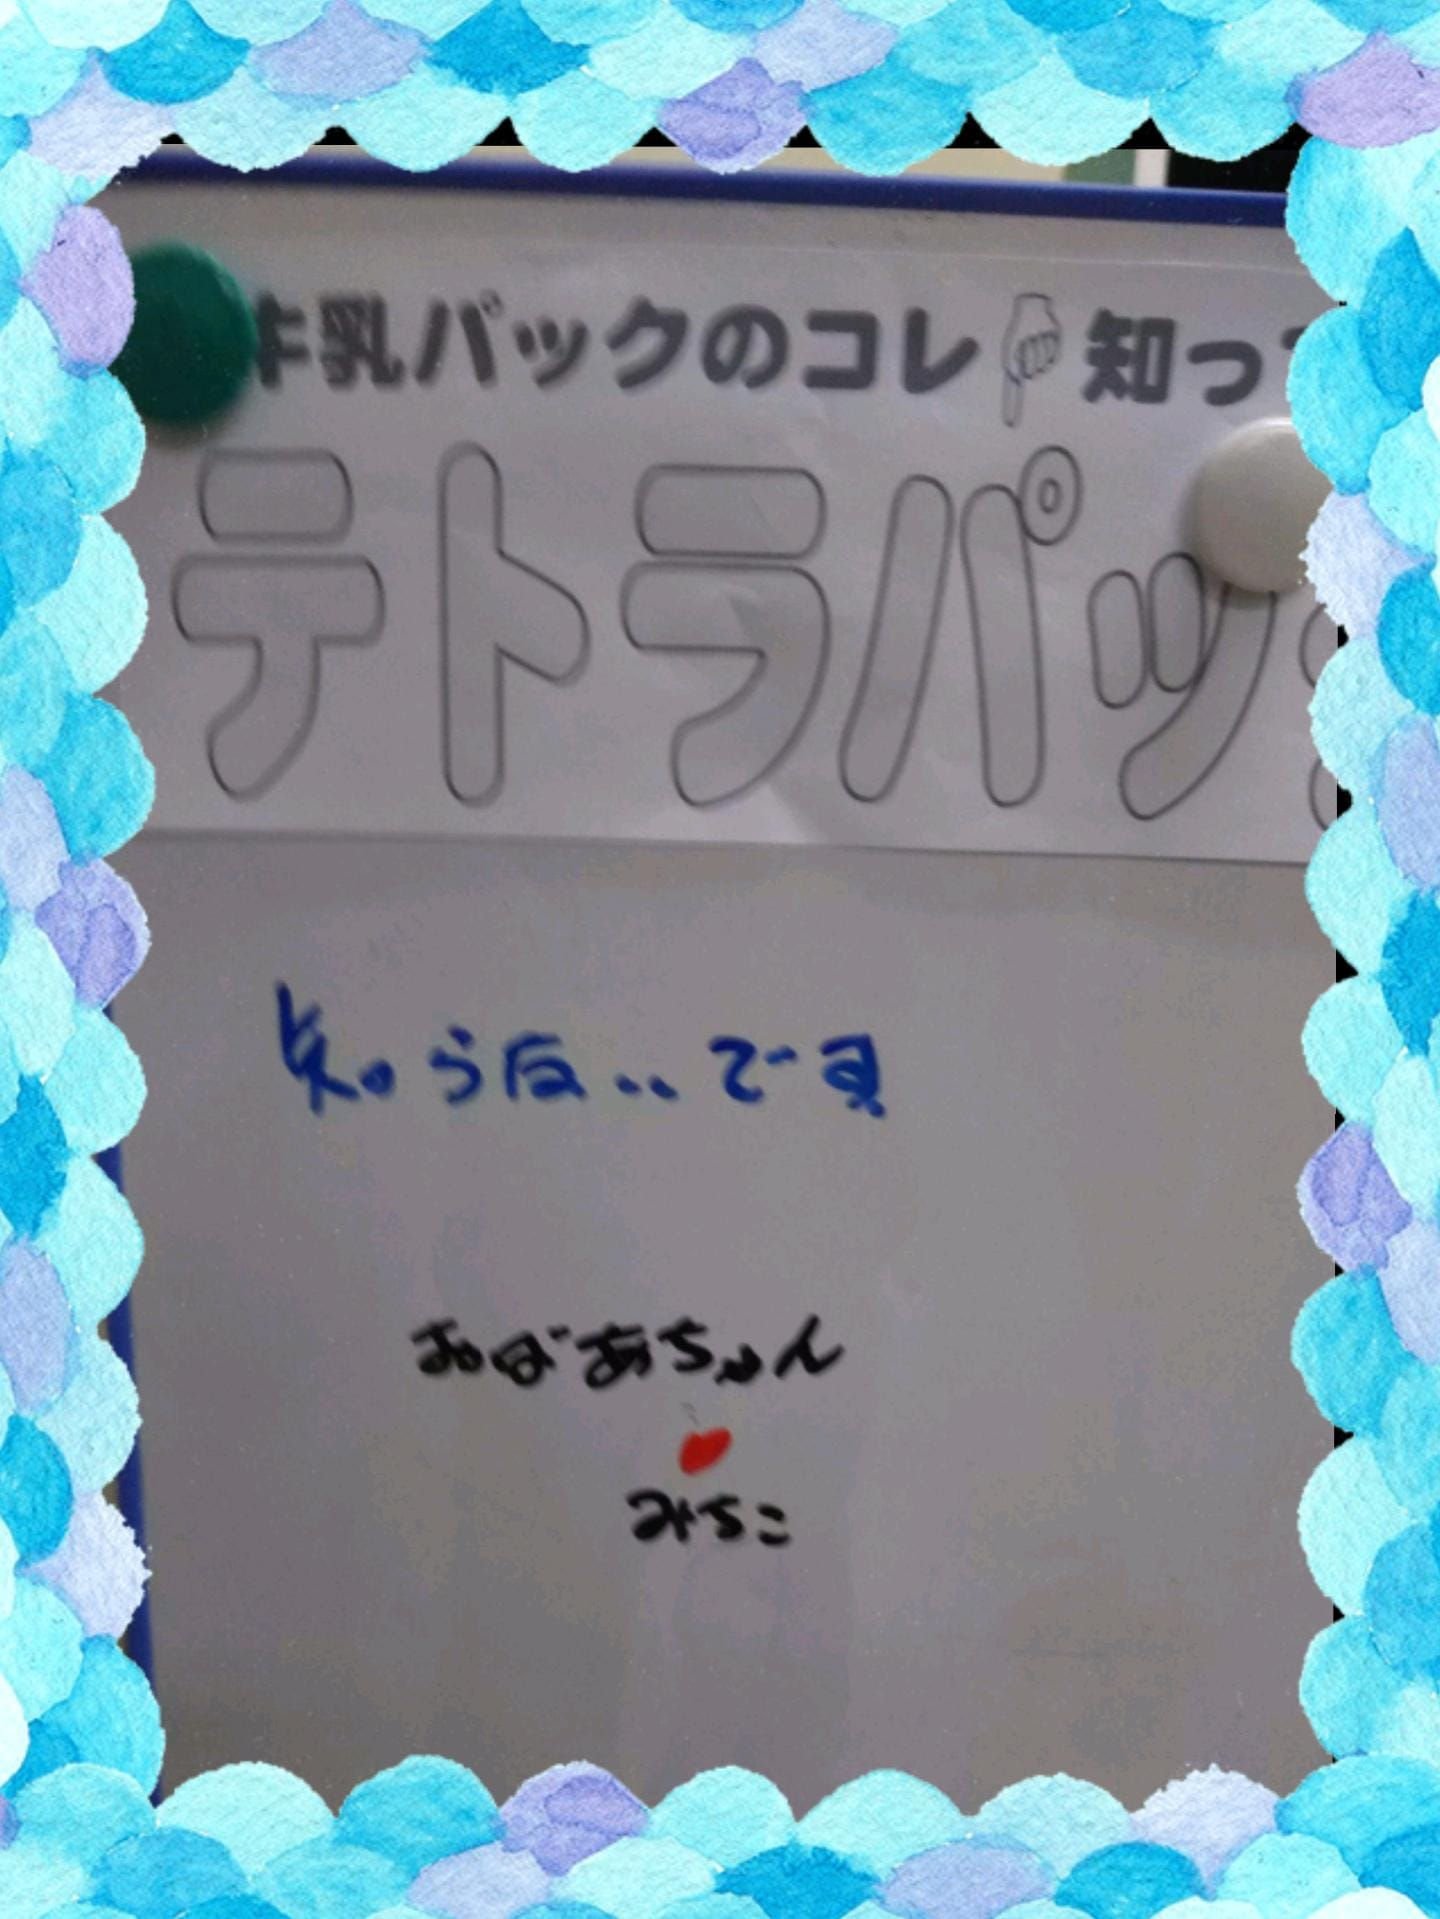 みちこ「今日のお題です(^-^)」09/24(月) 19:13 | みちこの写メ・風俗動画